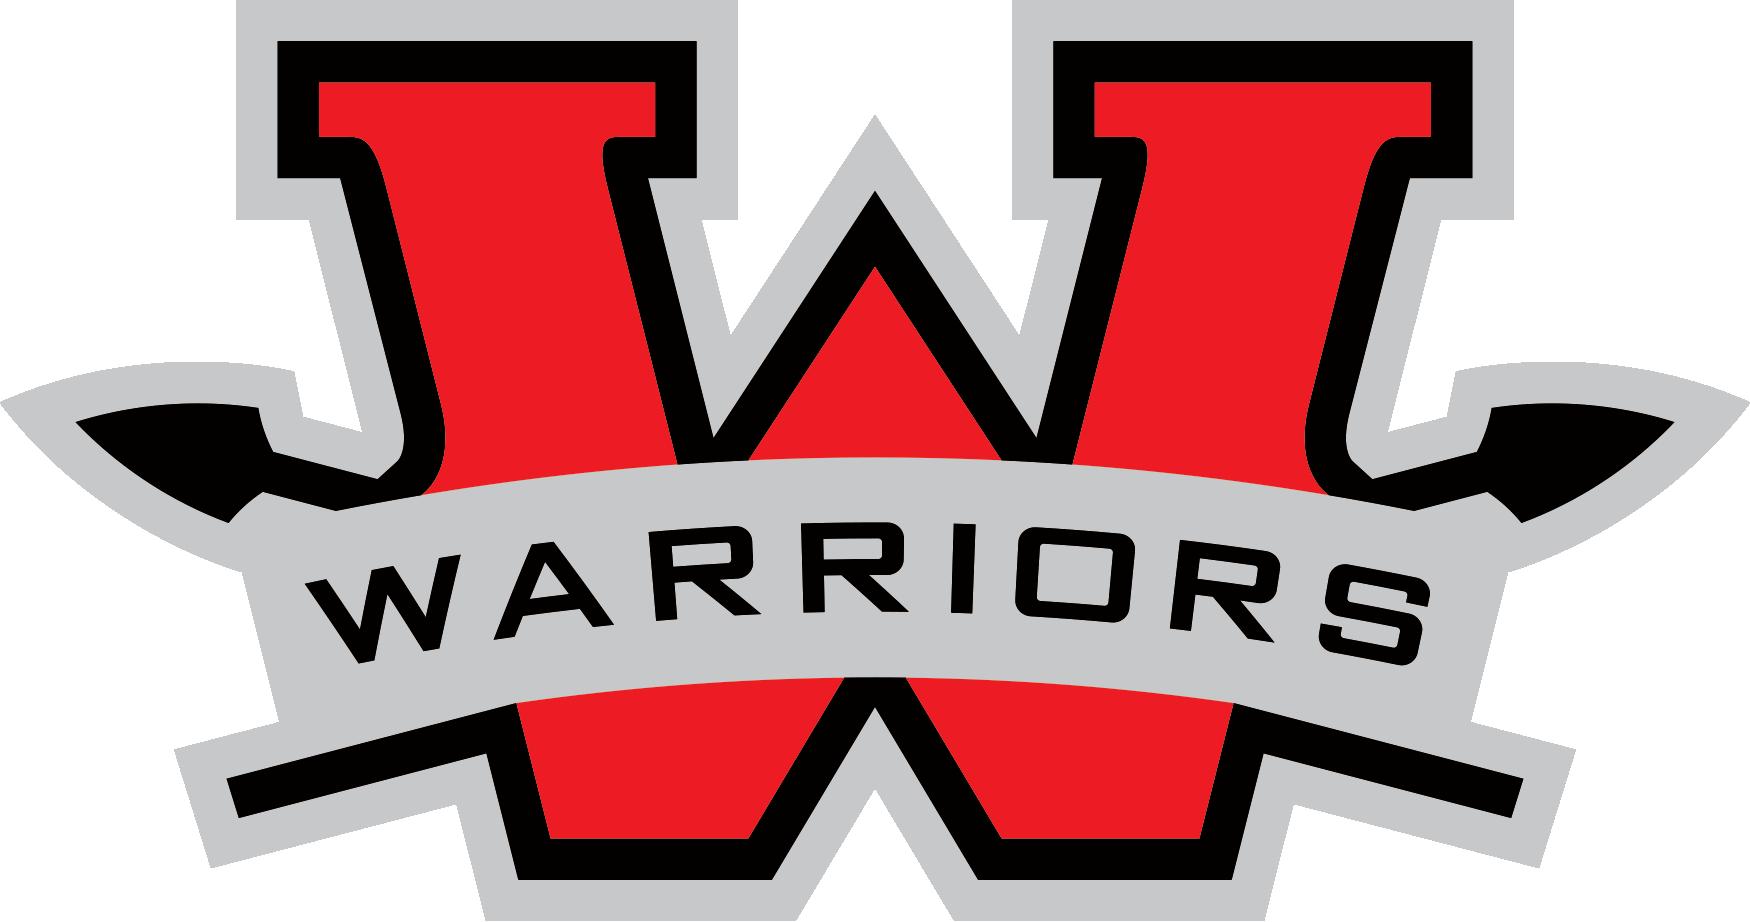 Warrior clipart font. Oxide design co westside